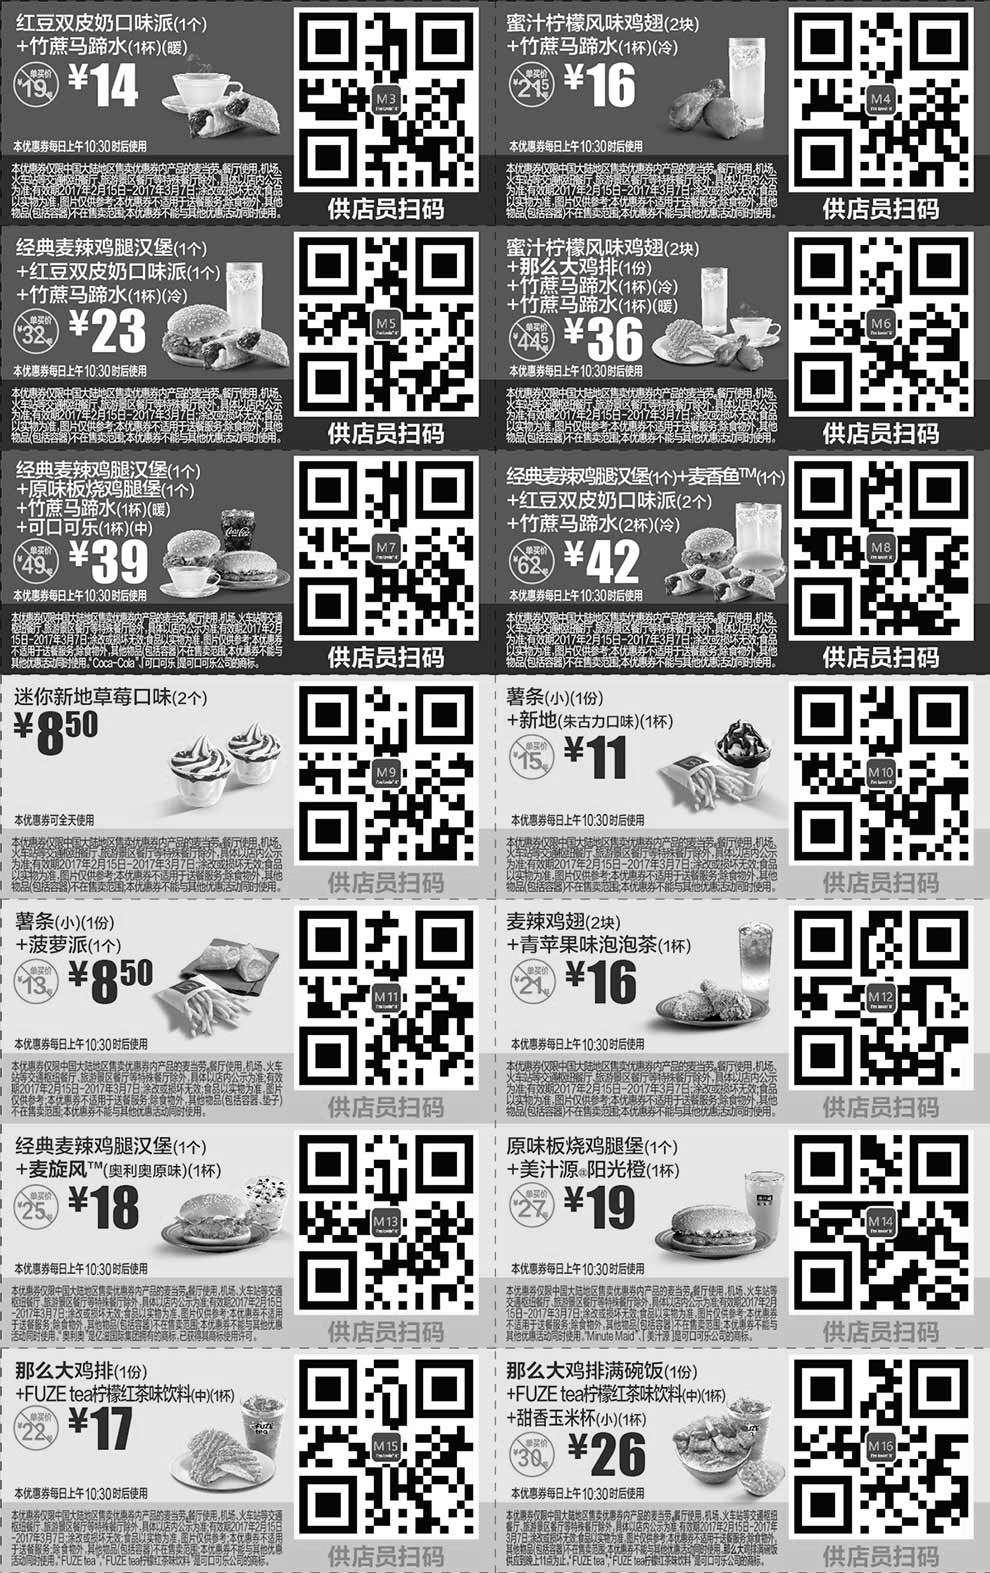 黑白麦当劳优惠券:麦当劳优惠券2017年2月3月手机版整张版本,手机出示享优惠